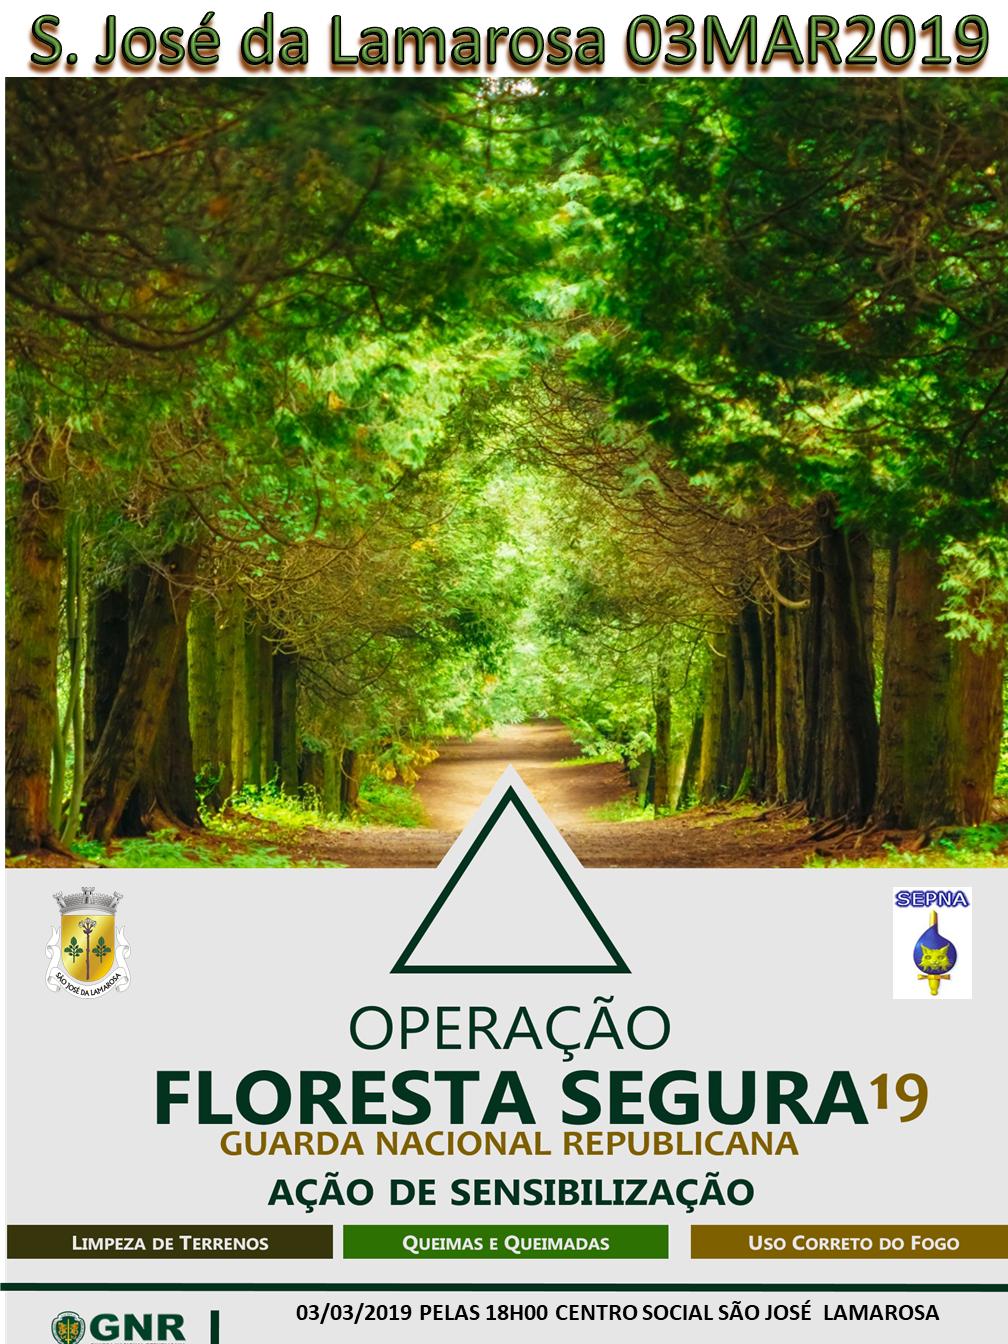 Operação Floresta Segura 2019 – Ação de sensibilização